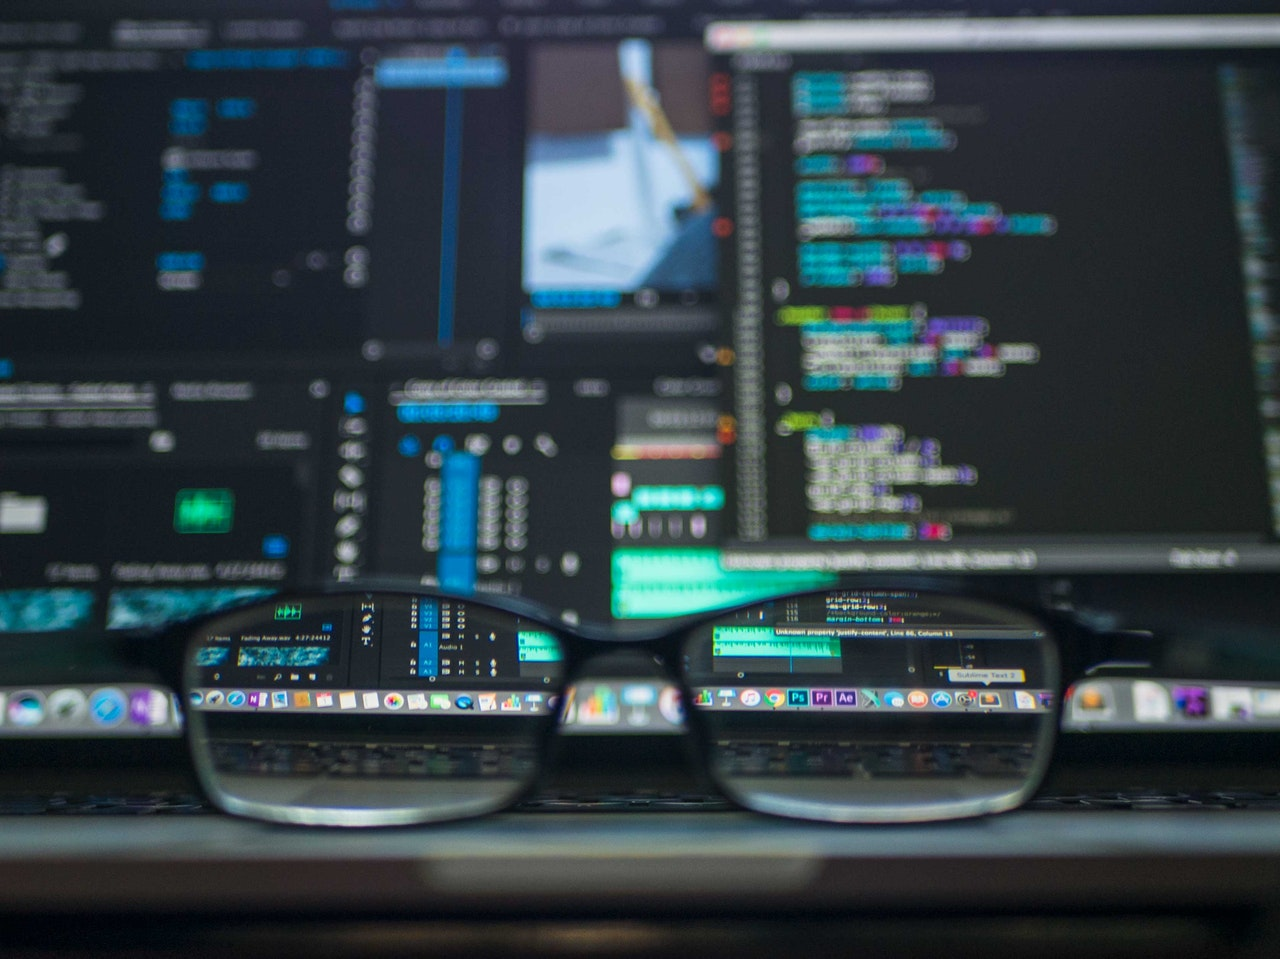 lunettes posées sur le clavier d'un ordinateur portable ouvert